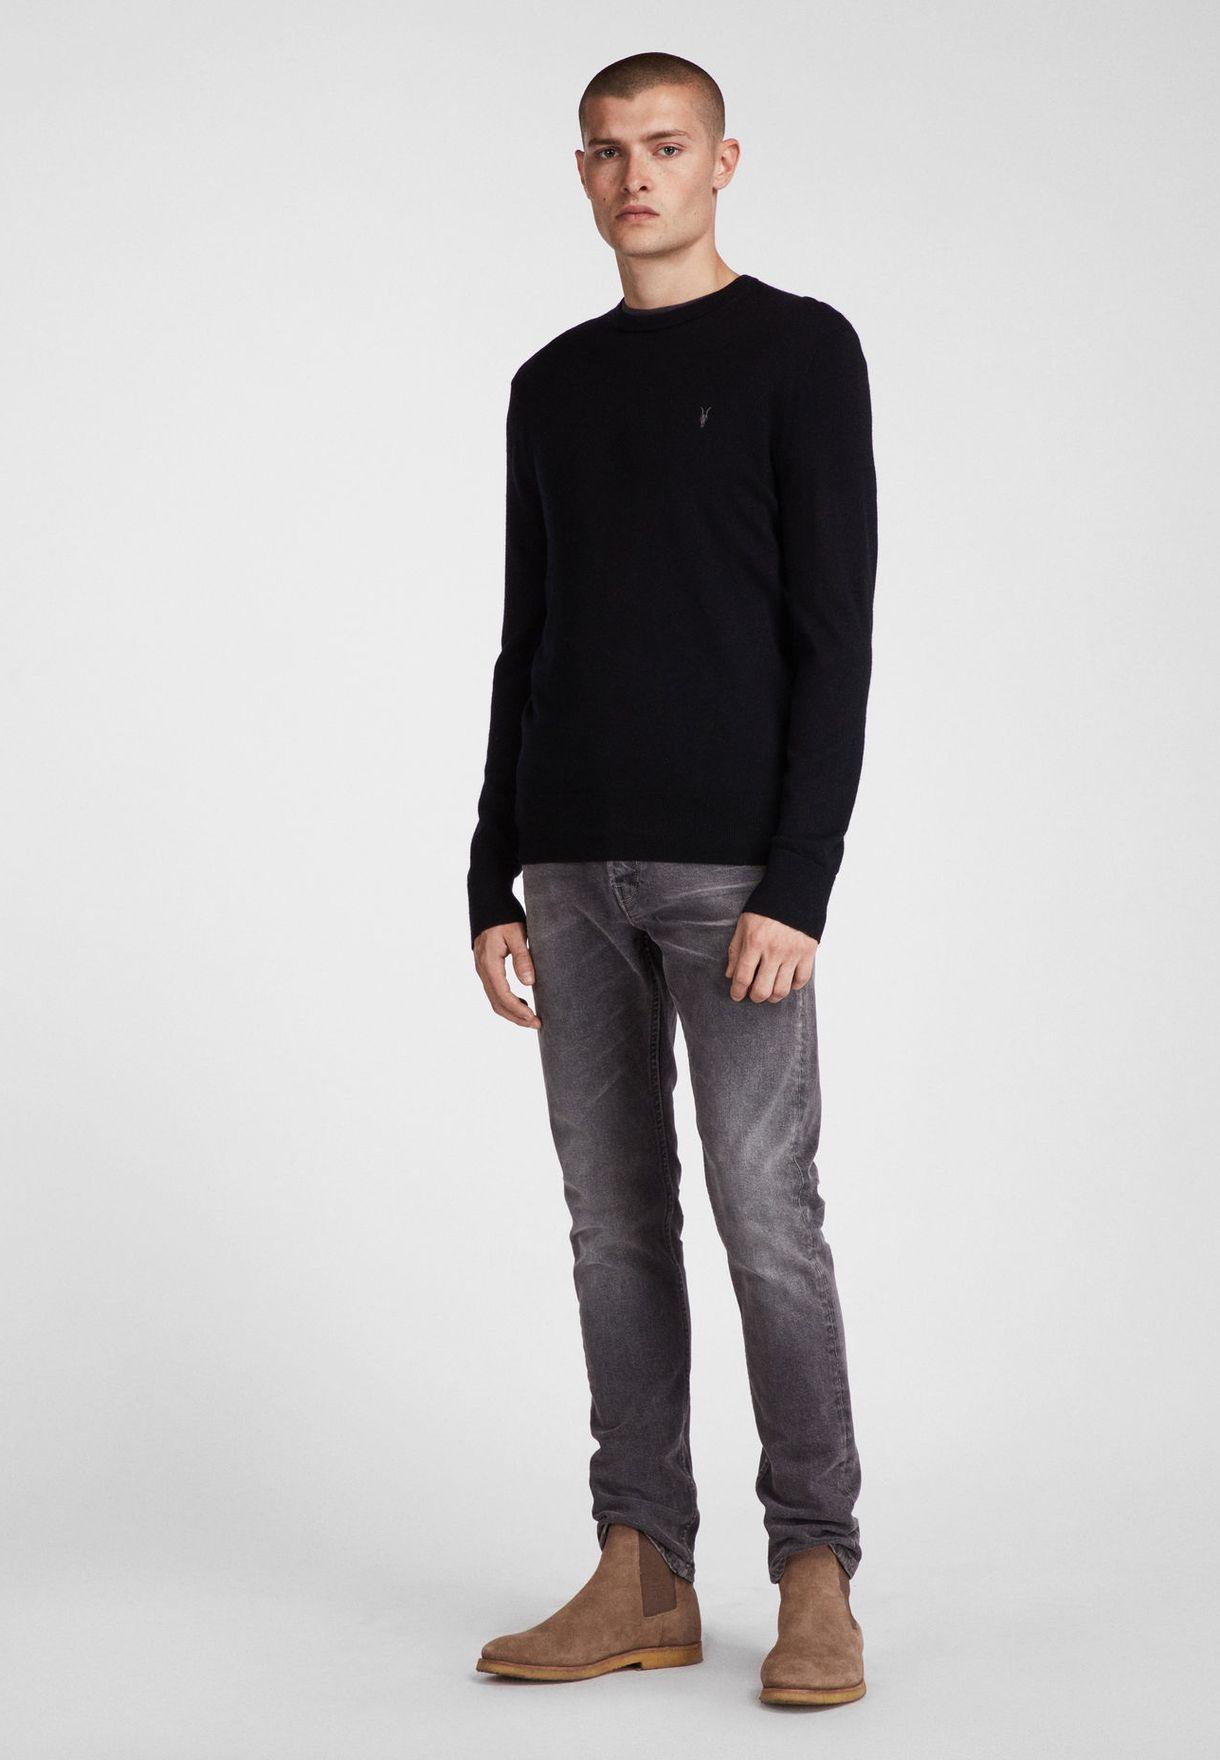 Mode Merino Sweater